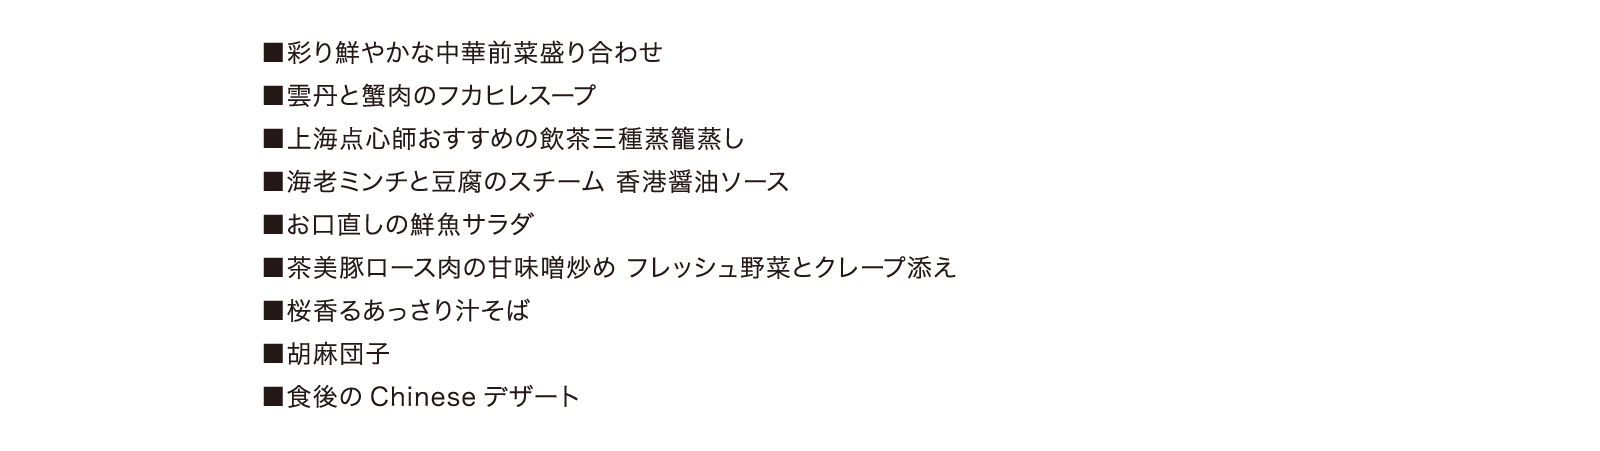 旬の李さんコース/コース内容